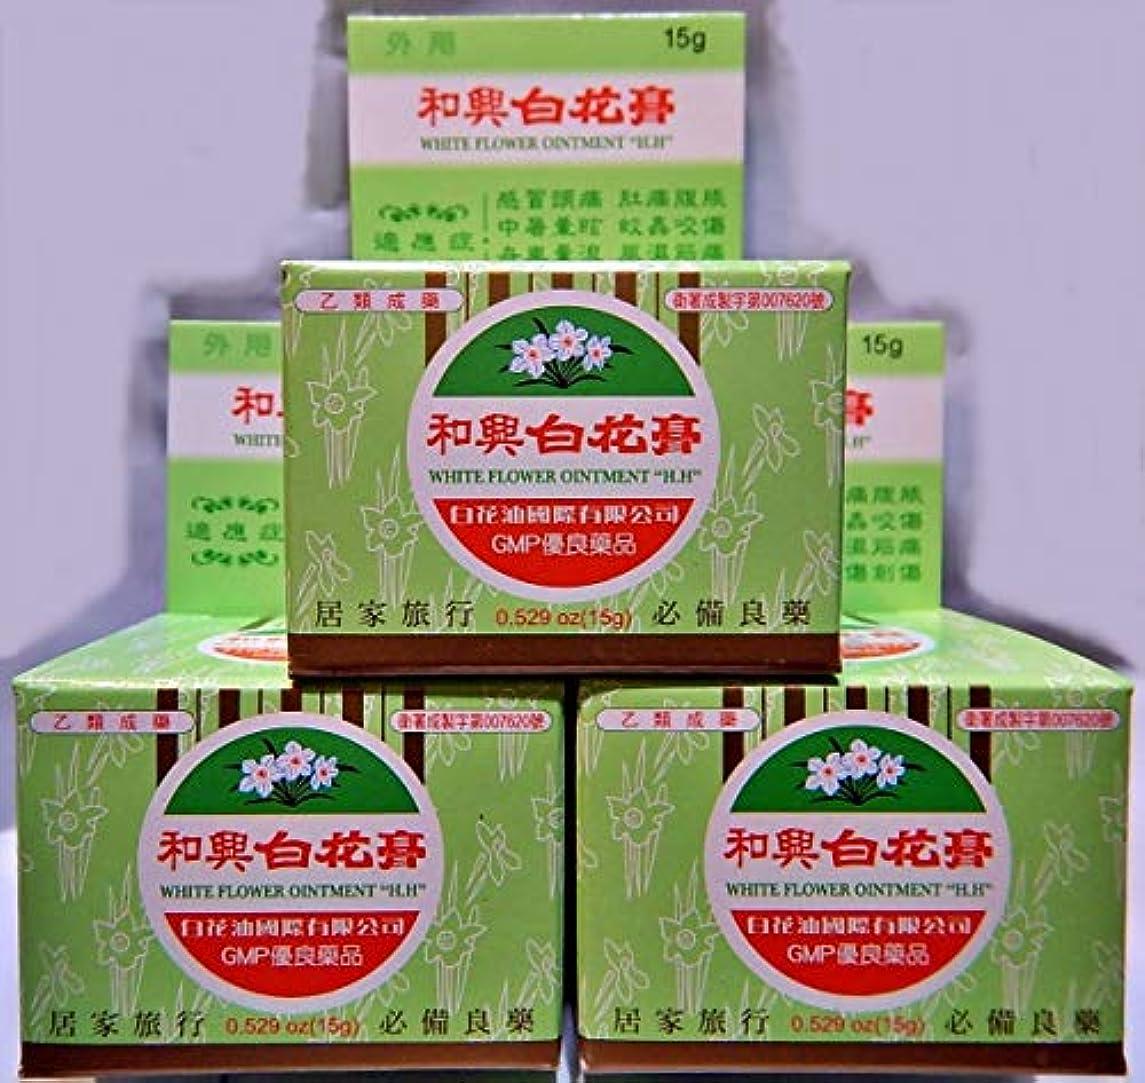 プレフィックス間隔オピエート《和興》白花膏 15g(白花油軟膏タイプ)× 3個《台湾 お土産》 [並行輸入品]